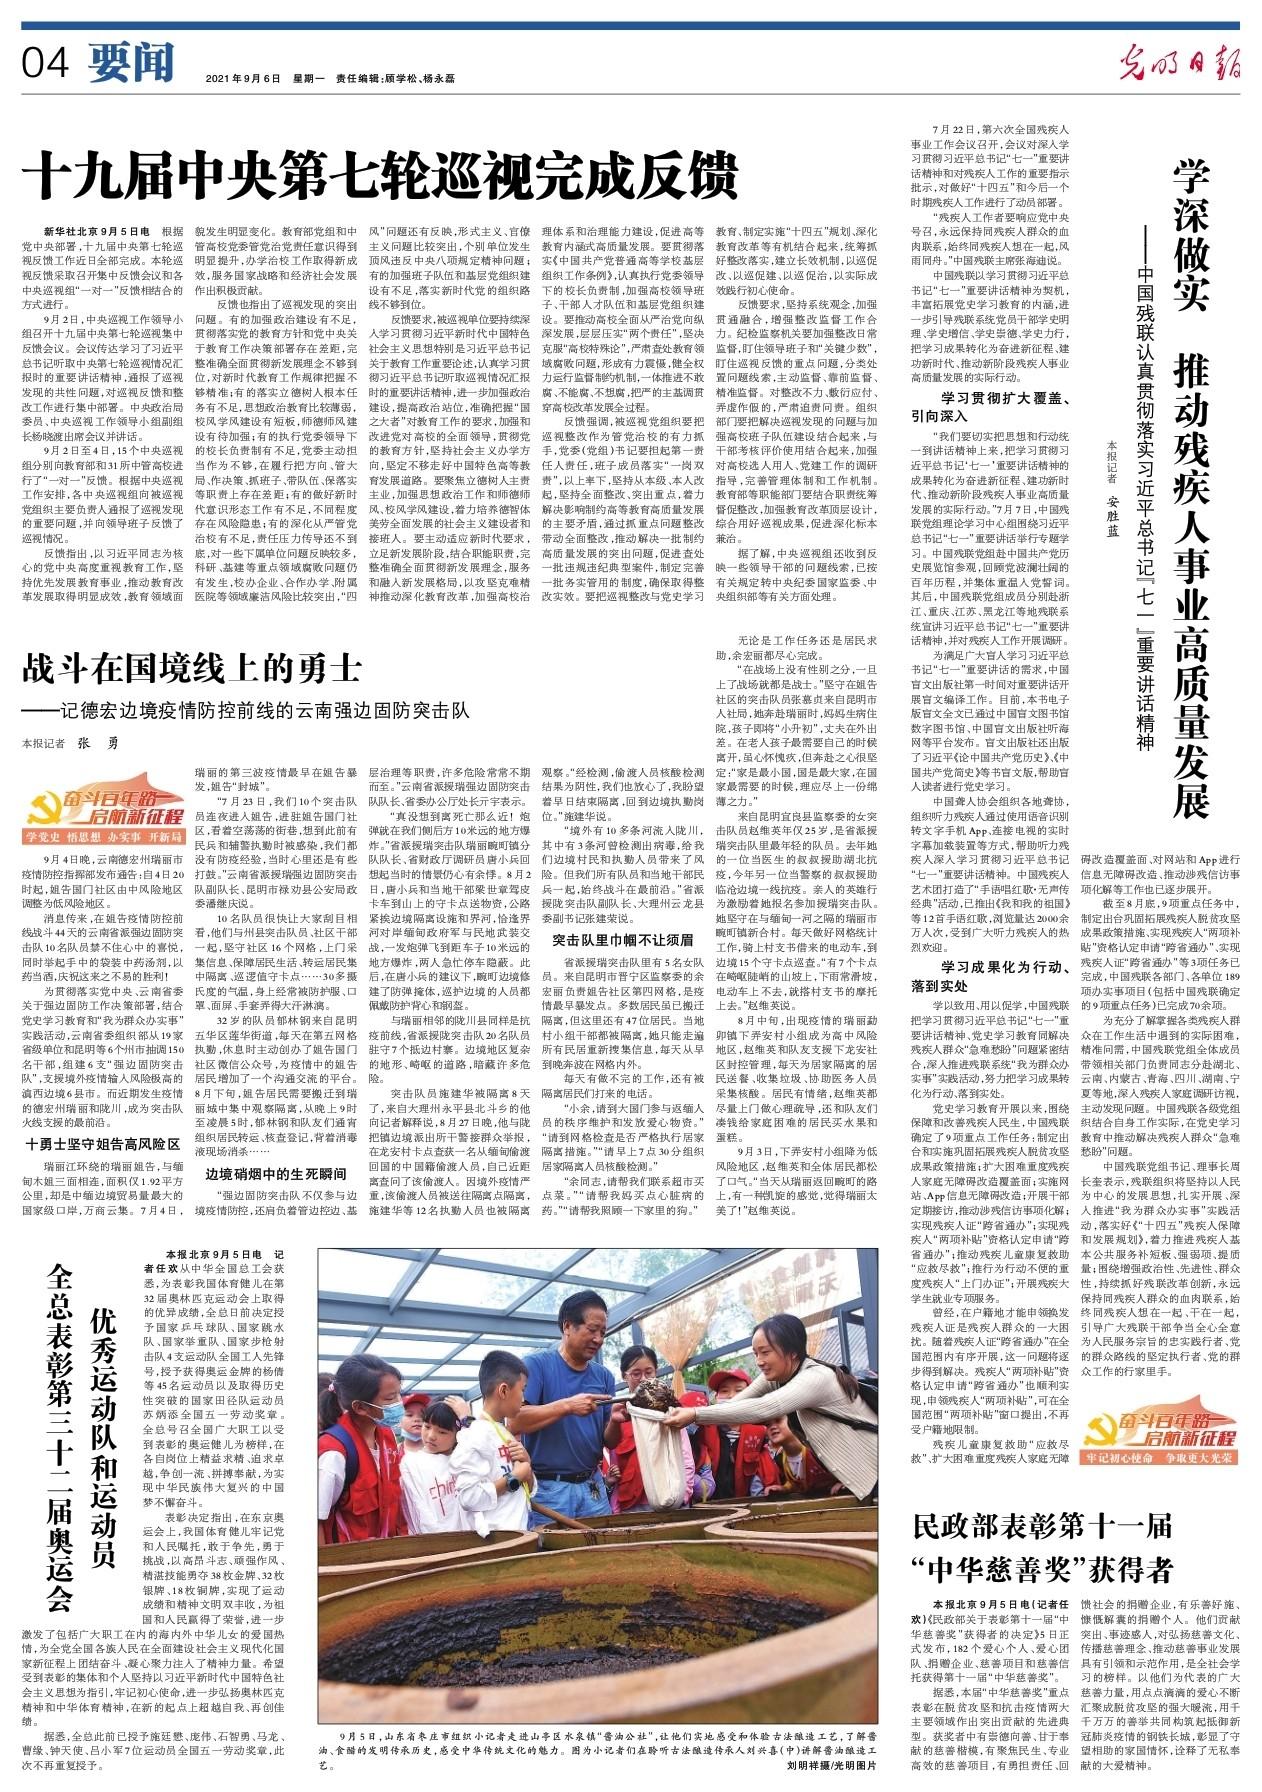 【奋斗百年路 启航新征程· 学党史 悟思想 办实事 开新局】